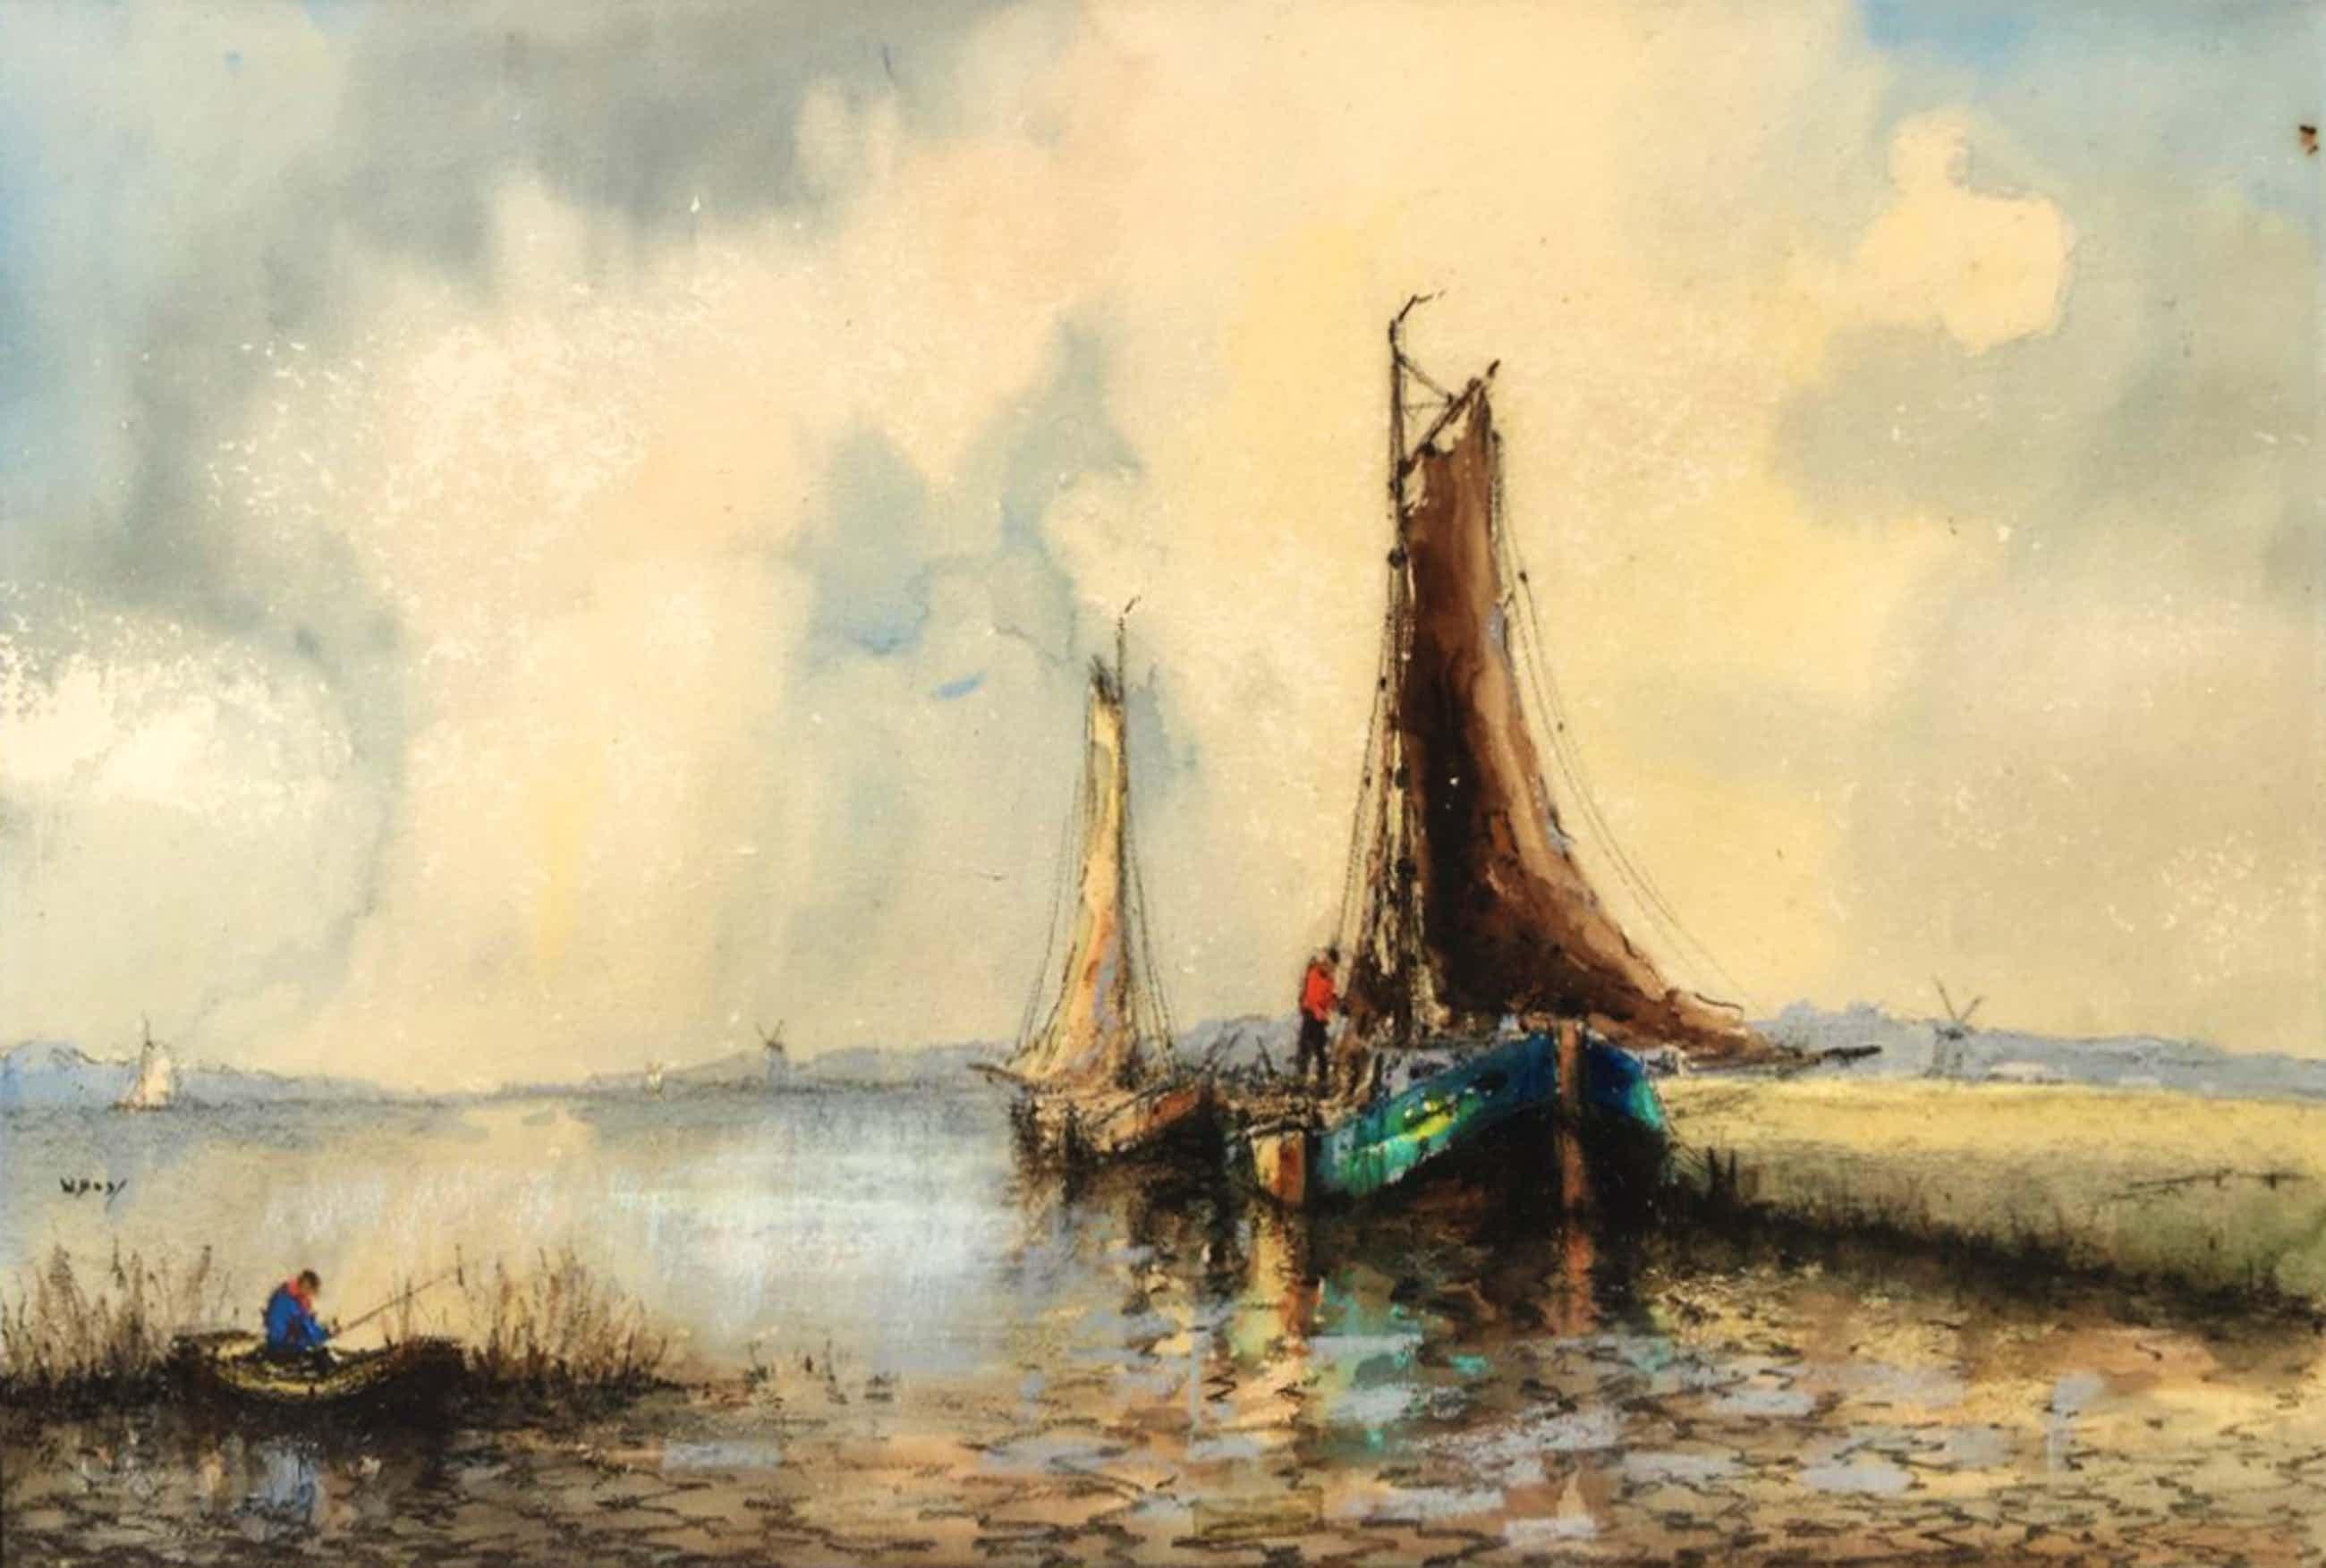 Willem Bos - Poldergezicht met boten - aquarel, houtskool en krijt kopen? Bied vanaf 50!